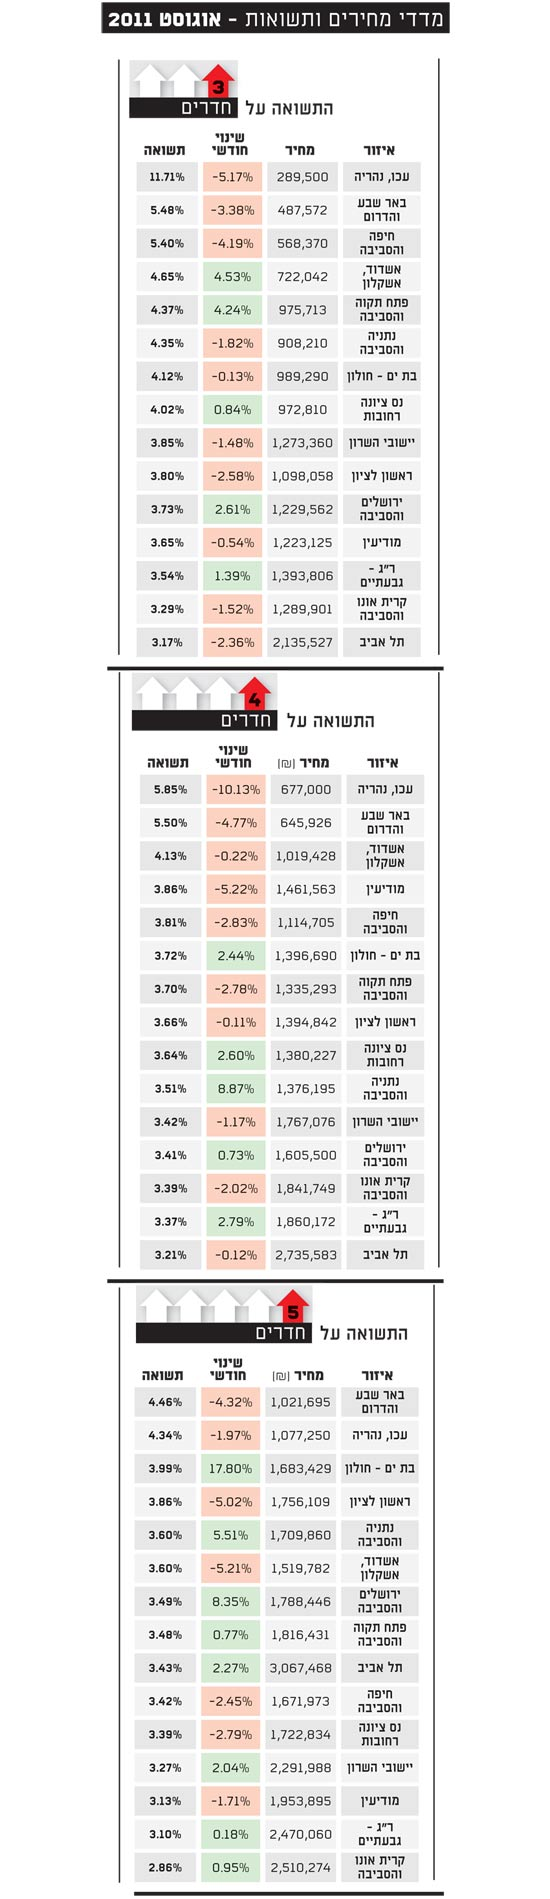 מדדי מחירים ותשואות אוגוסט 2011